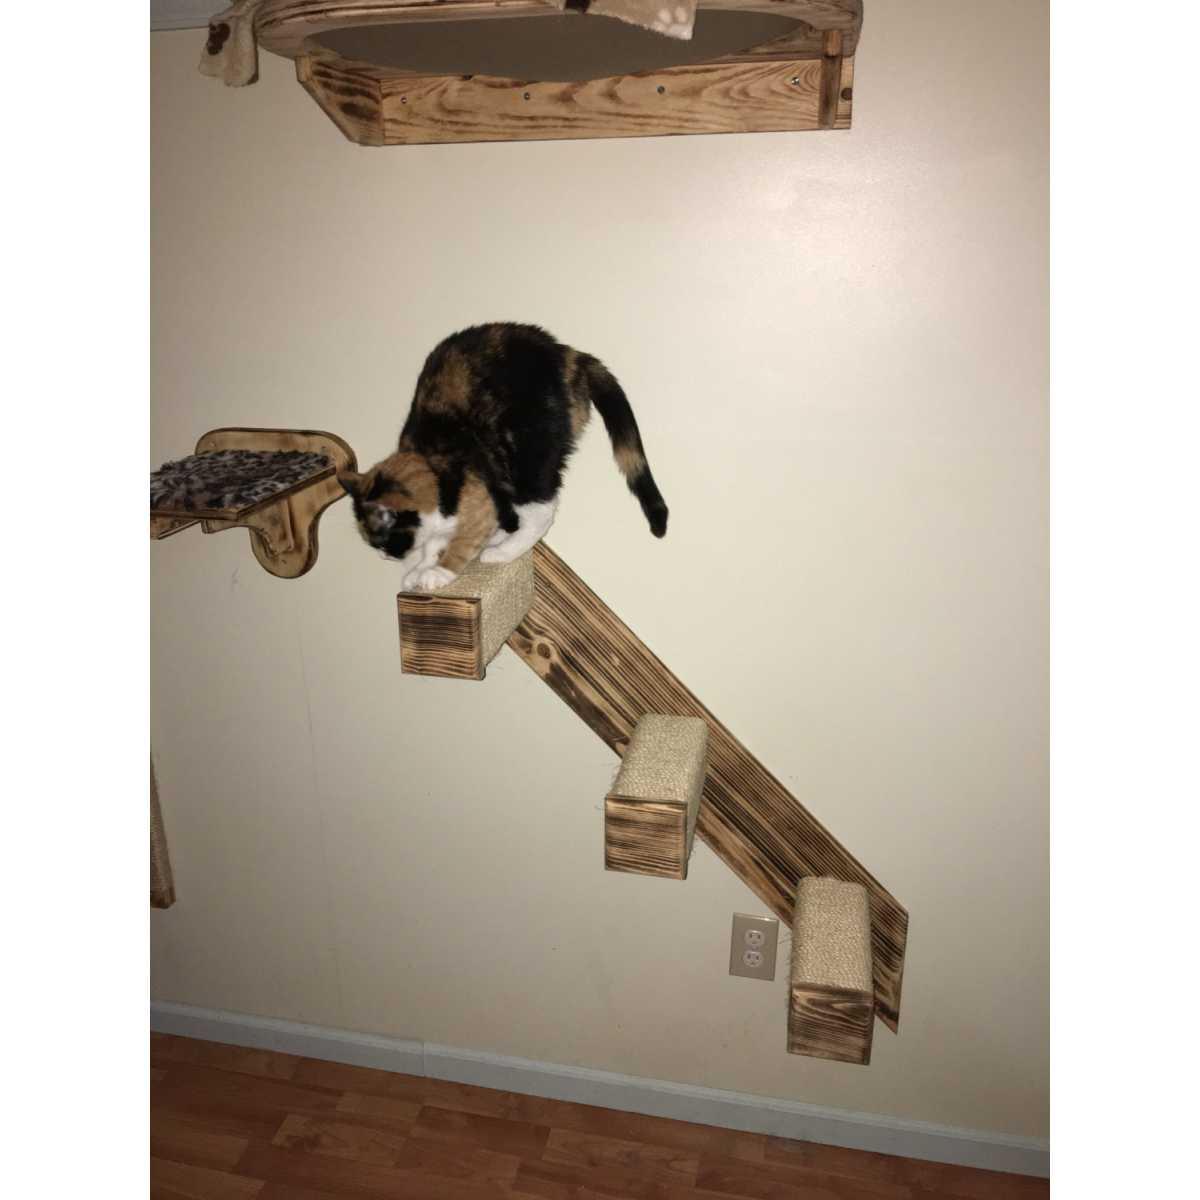 Merveilleux 3 Step Sisal Stair Wall Mounted Cat Climber